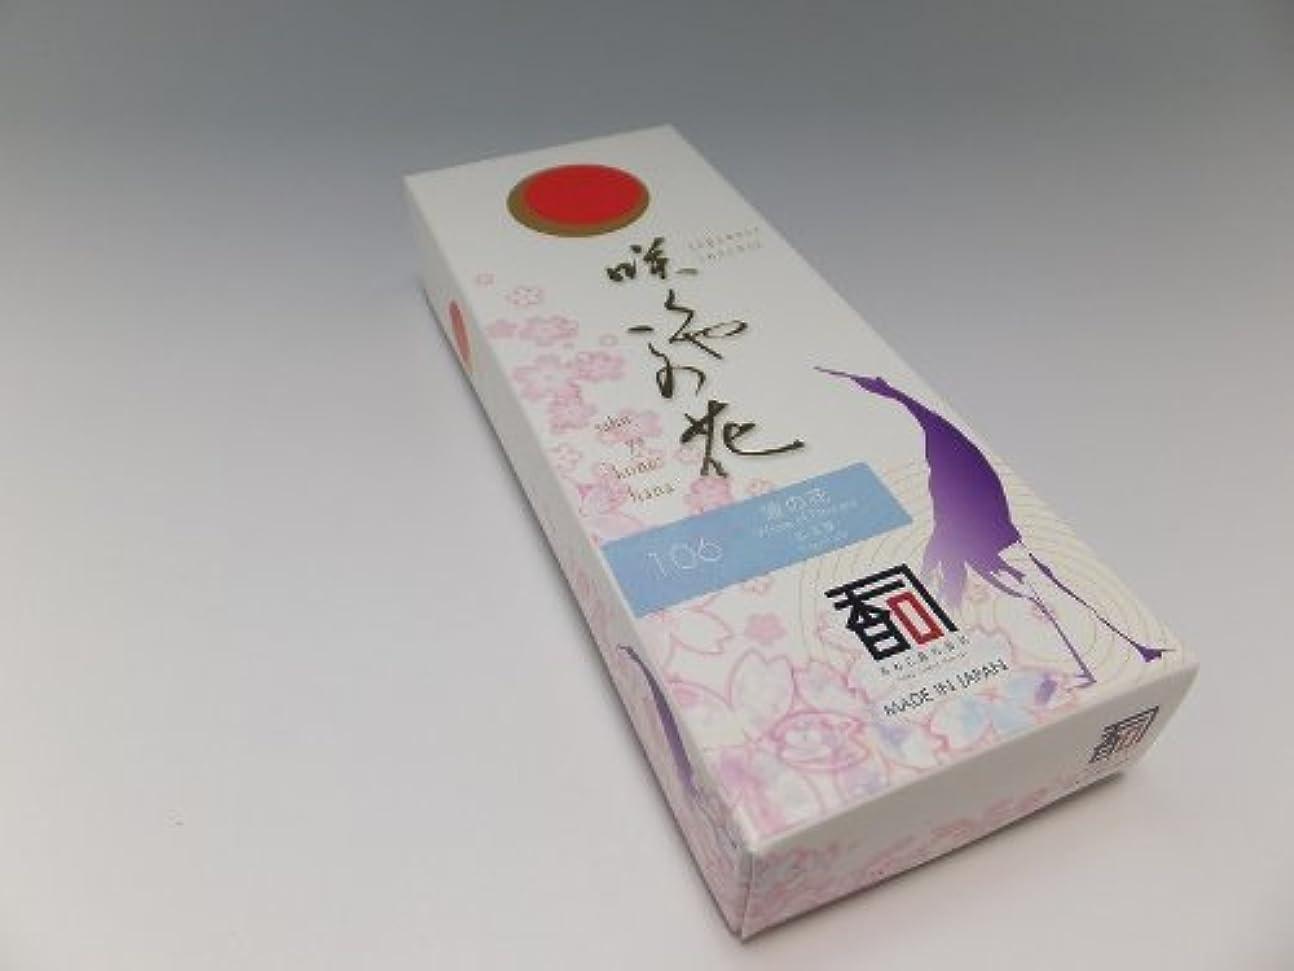 謙虚なギネスマンハッタン「あわじ島の香司」 日本の香りシリーズ  [咲くや この花] 【106】 波の花 (煙少)